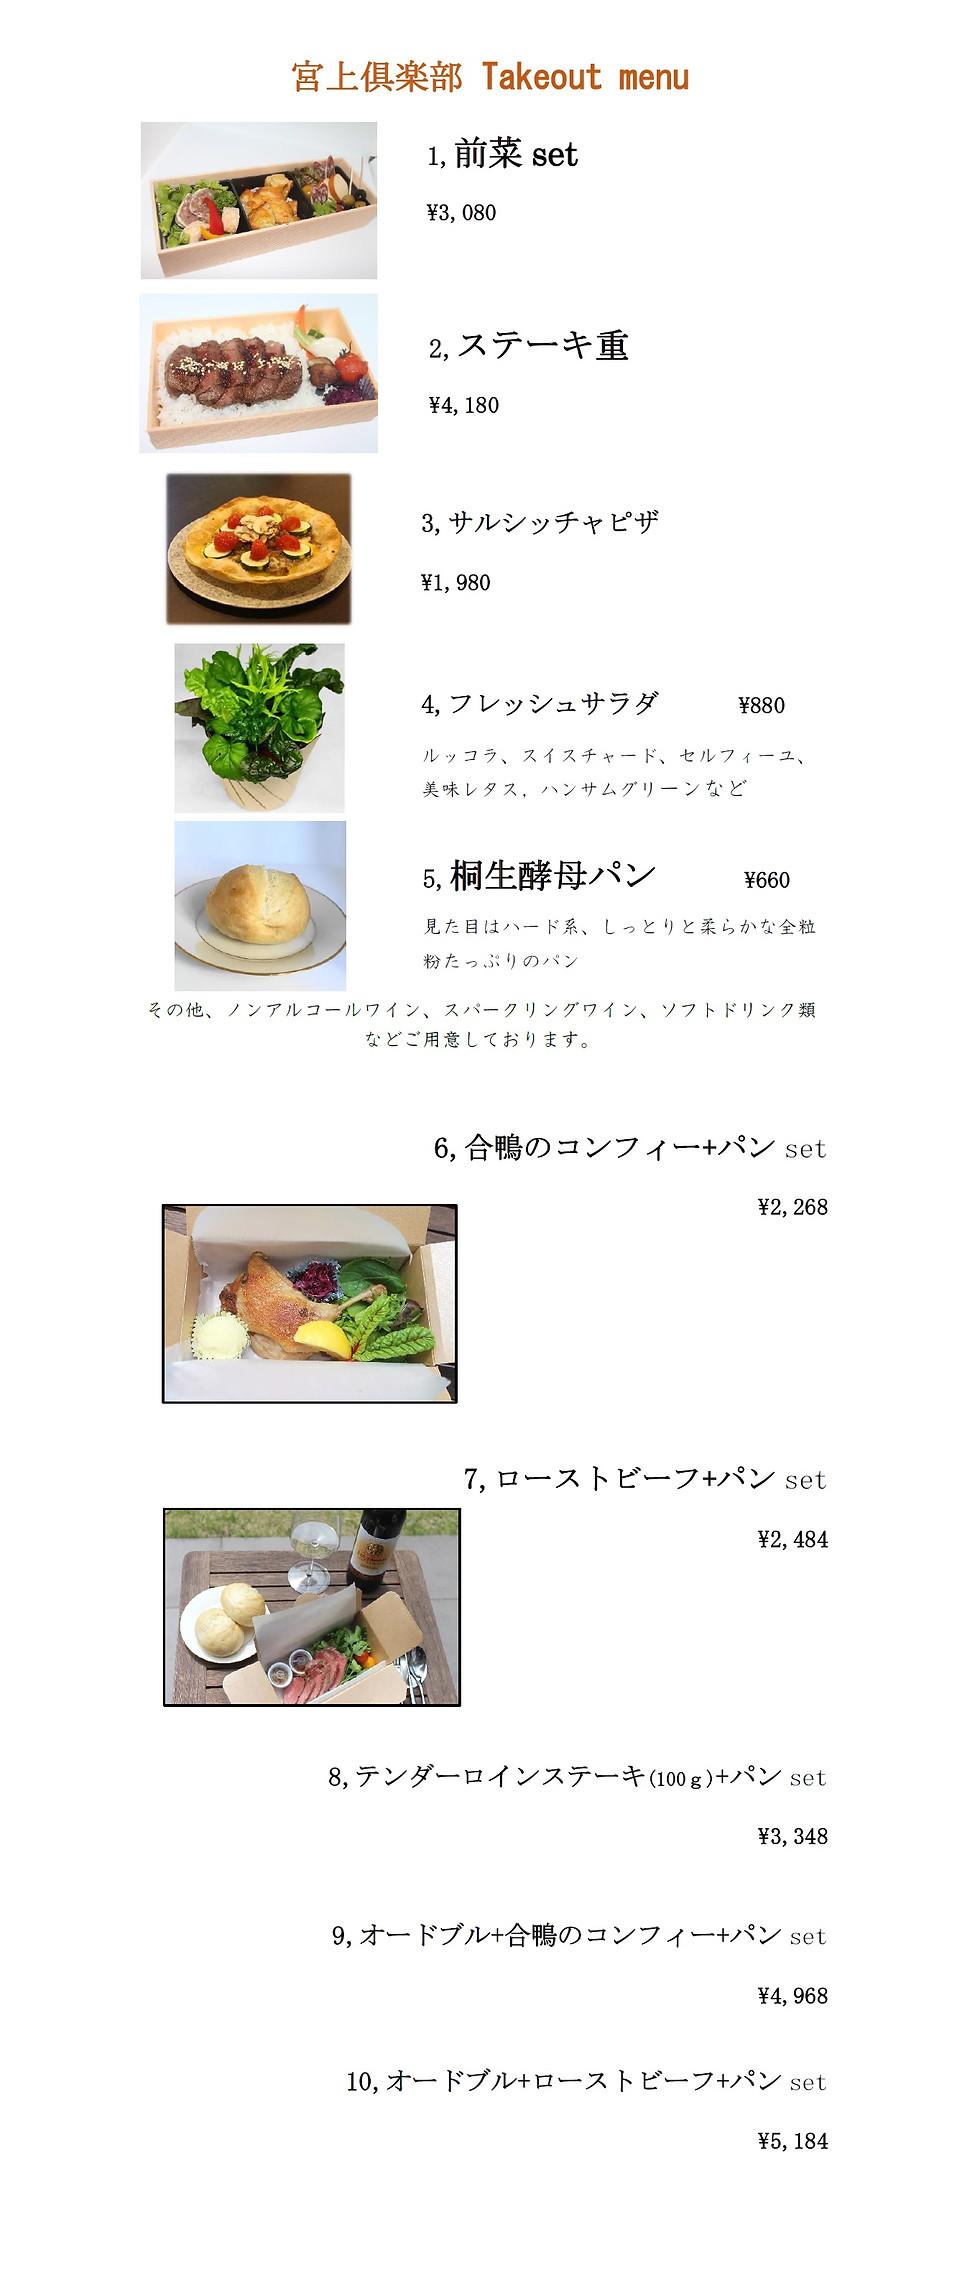 Takeout_menu.jpg